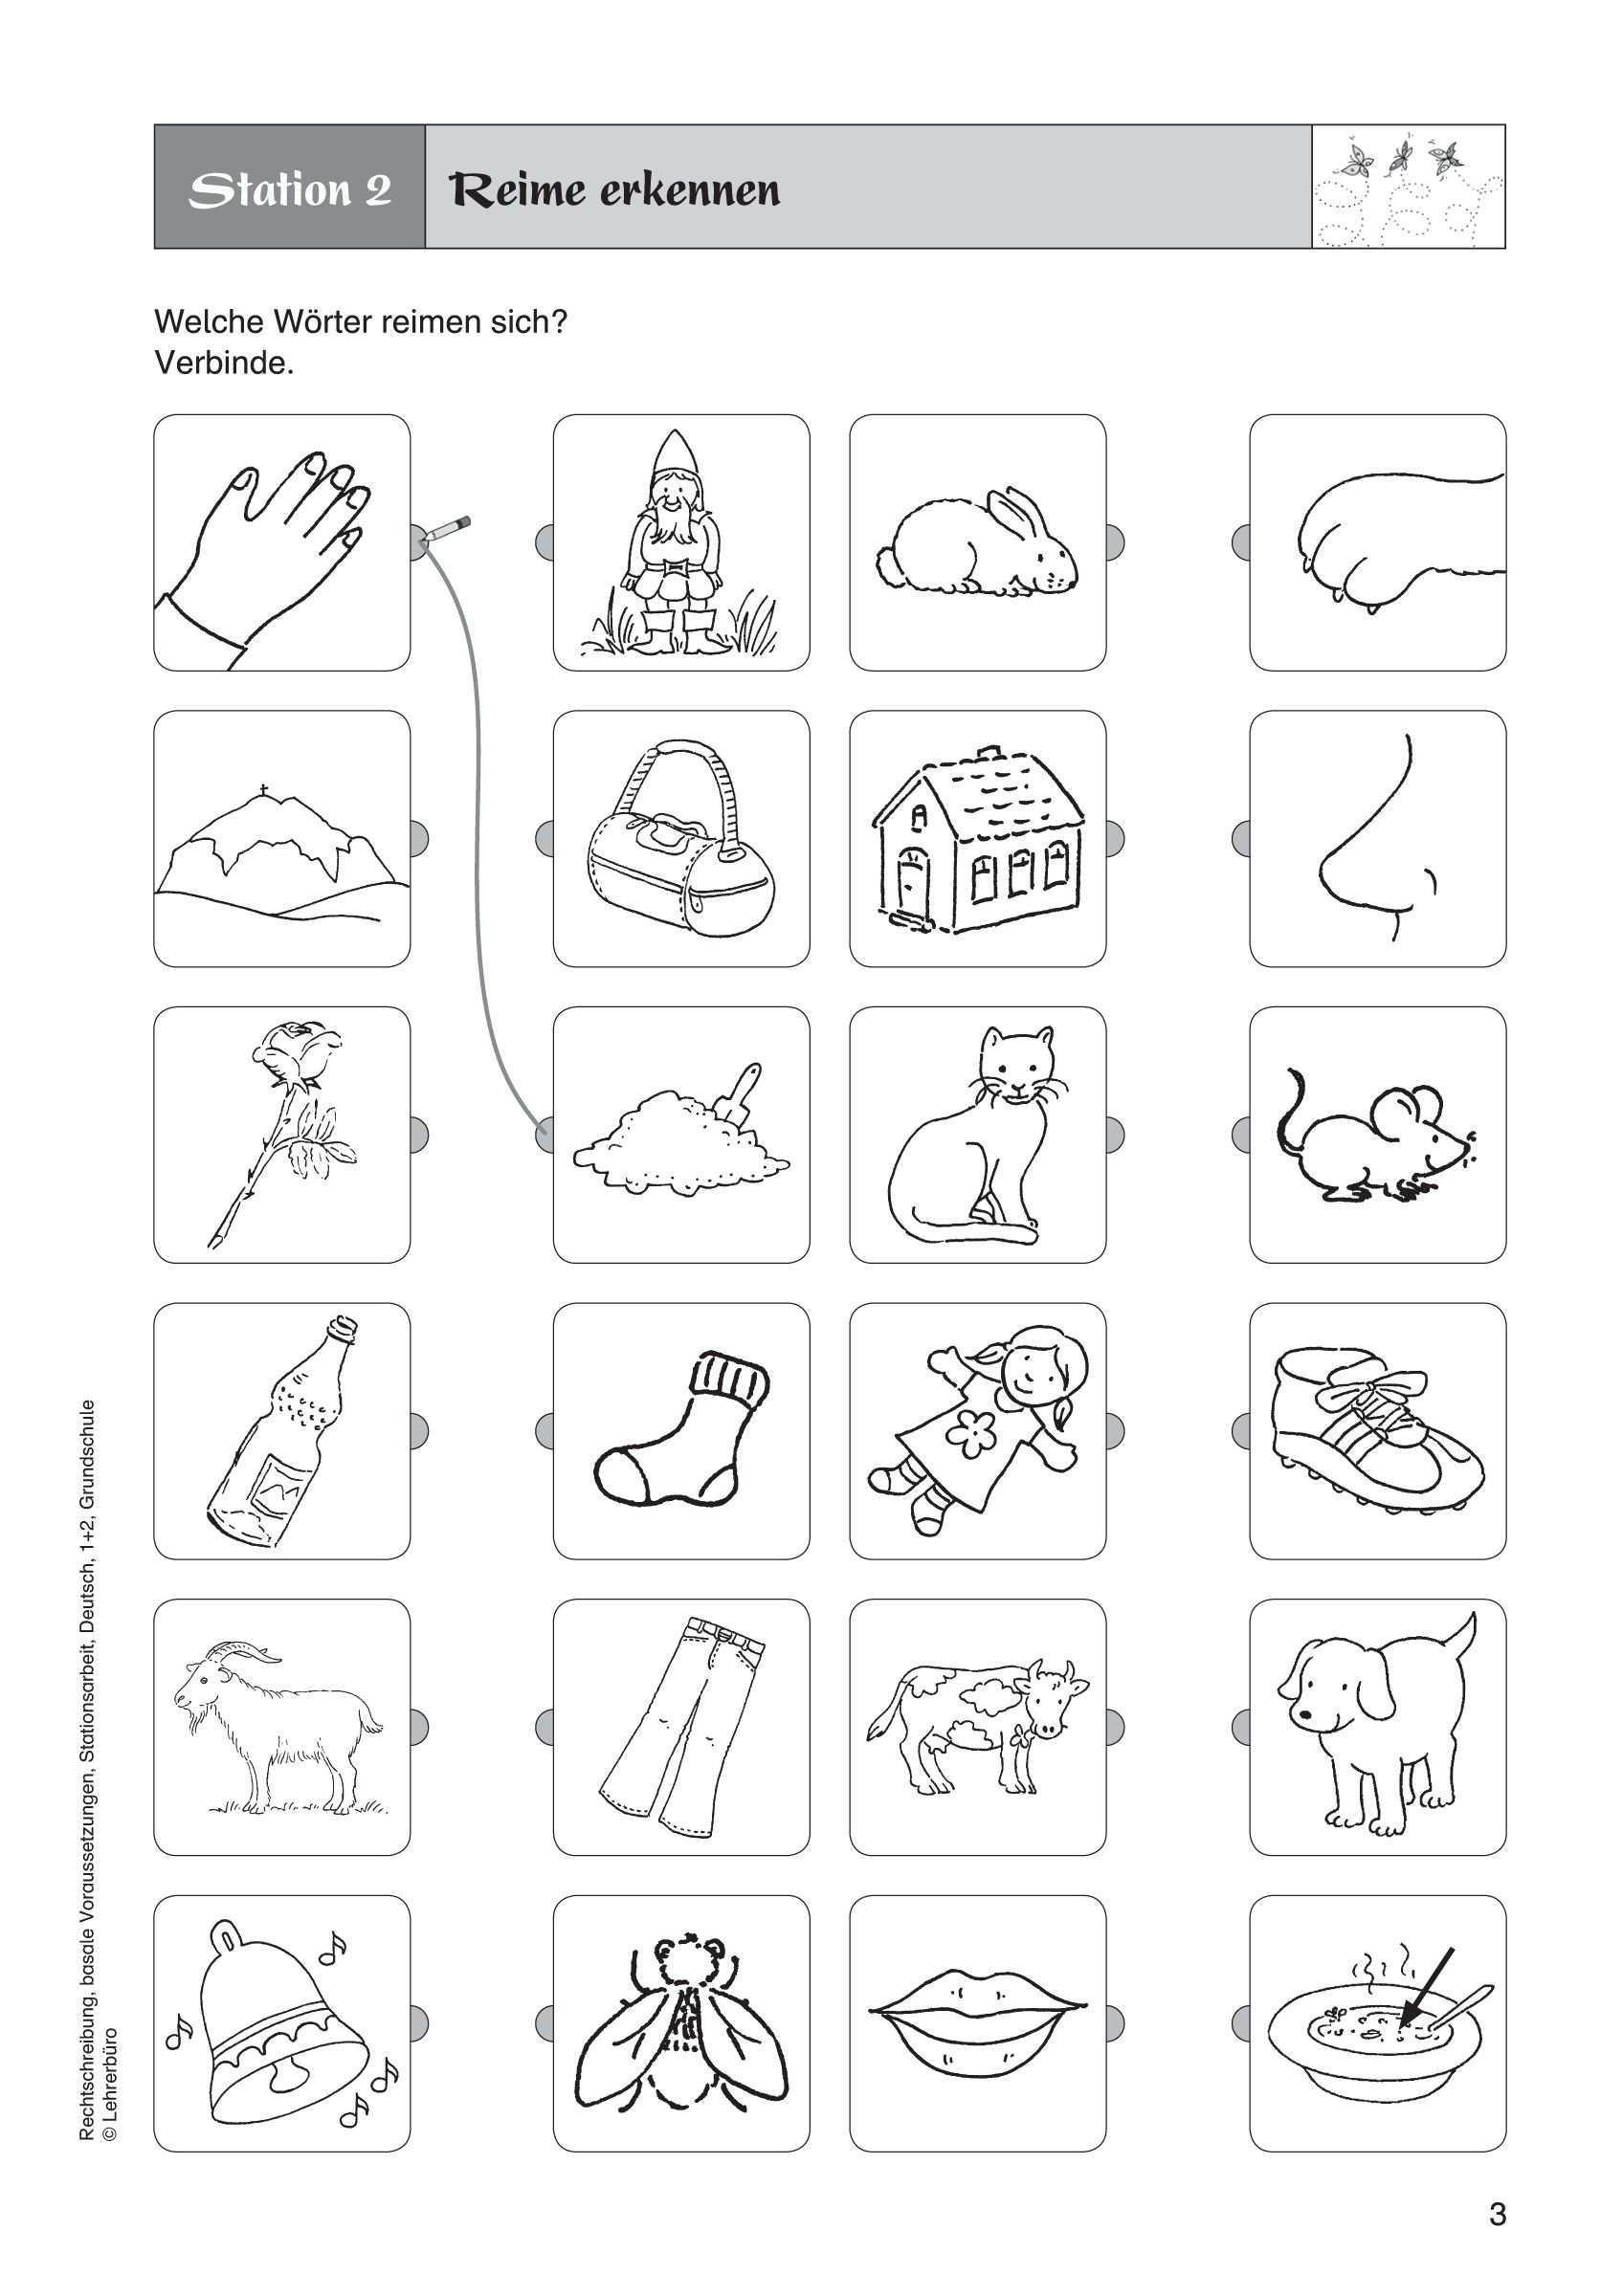 Arbeitsblatter Grundschule 1 Klasse Ausdrucken 1 Klasse Arbeitsblatter Leseve Arbeitsblatter Zum Ausdrucken Arbeitsblatter Grundschule Arbeitsblatter Vorschule